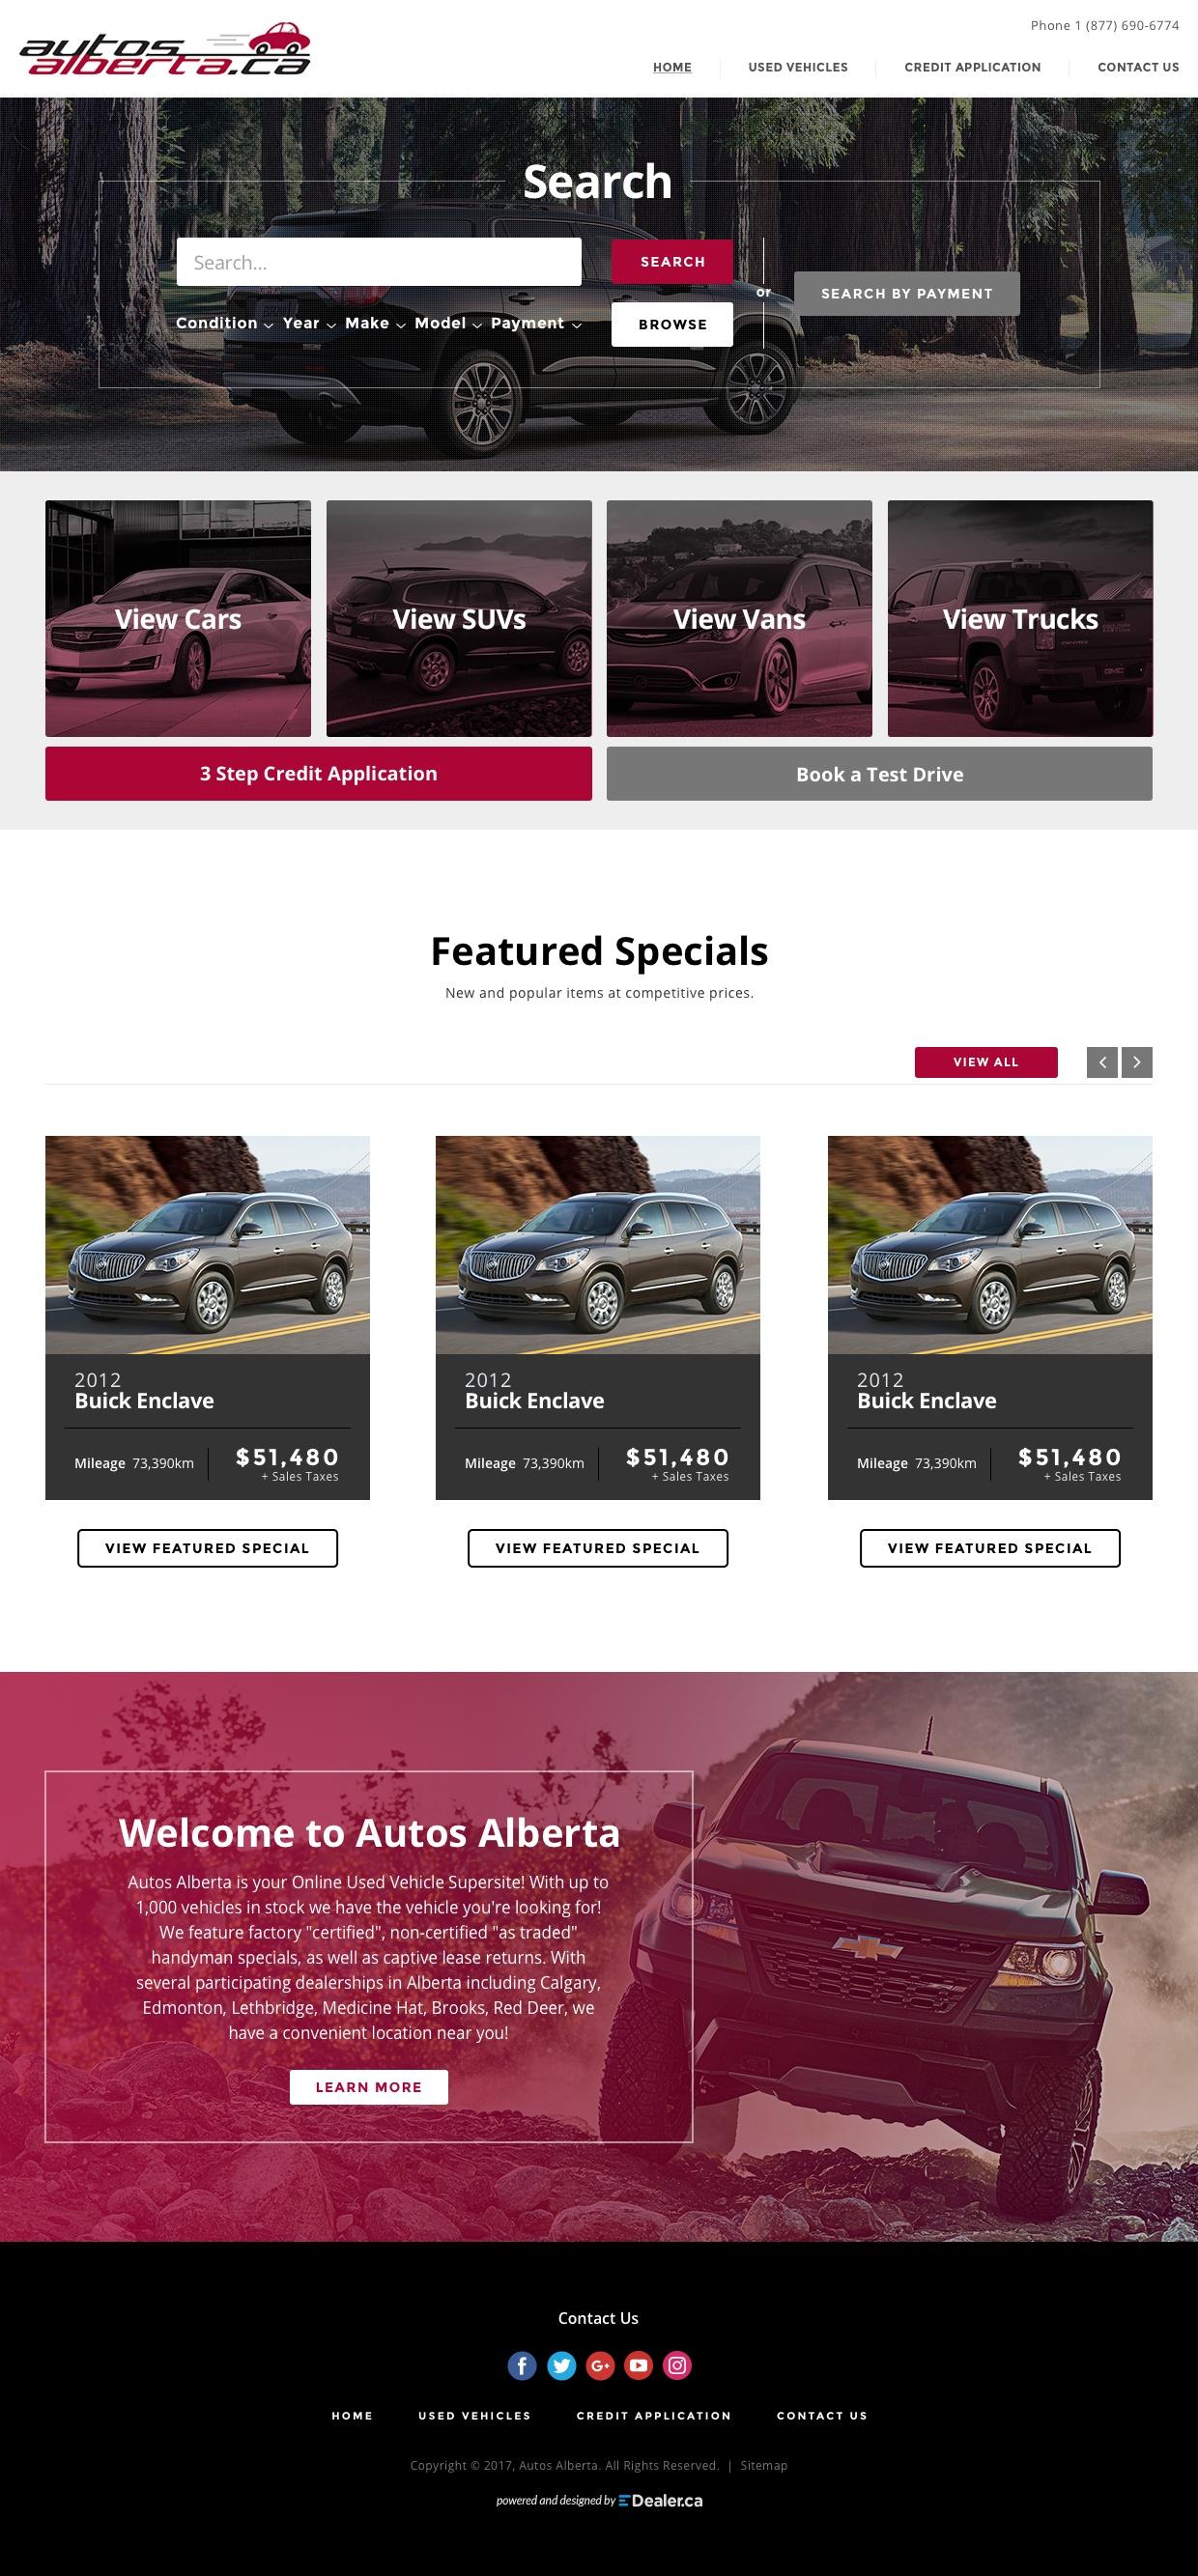 Autos Alberta